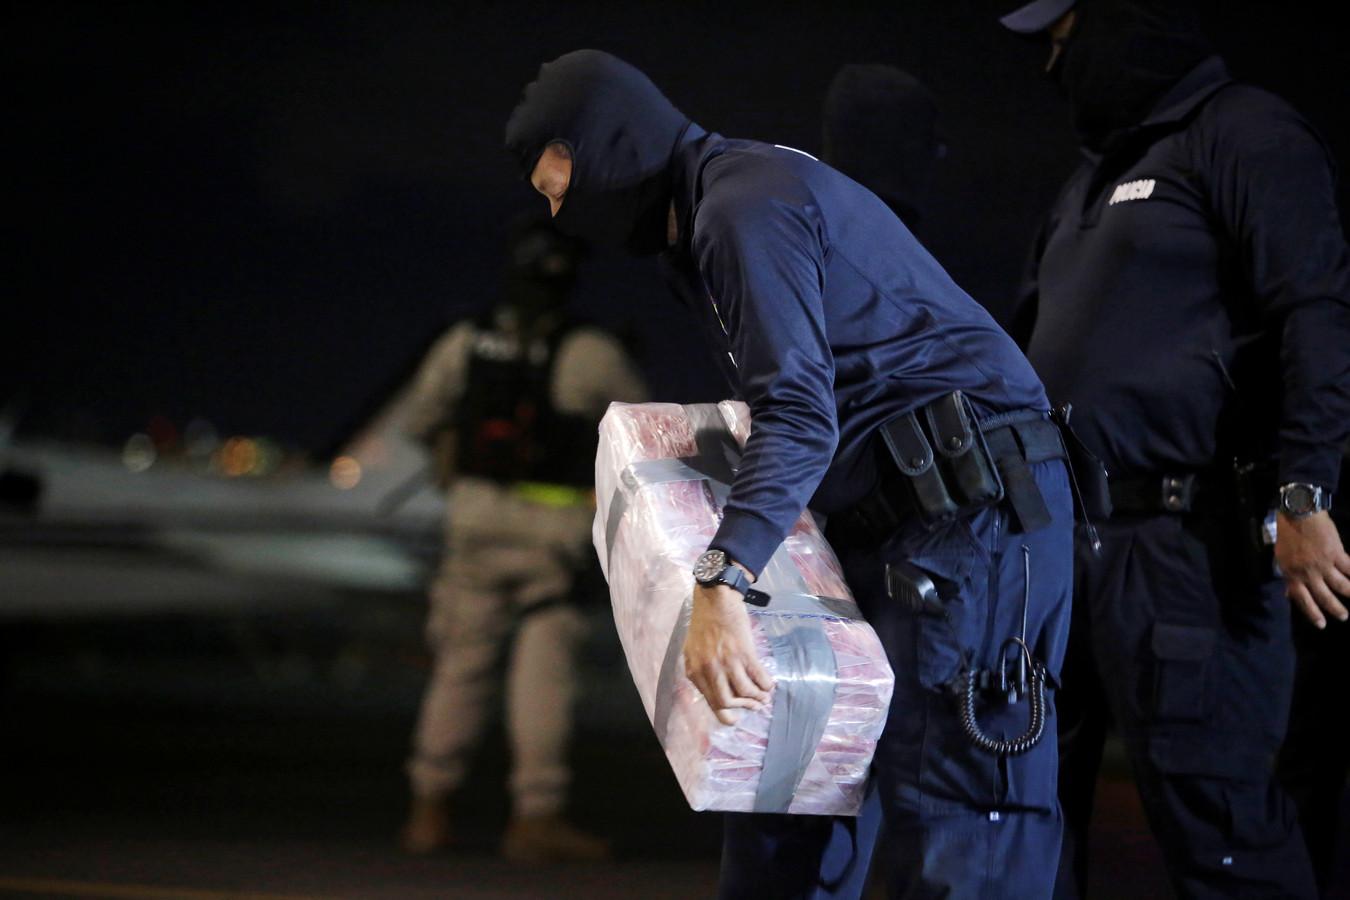 De 5000 kilo was verdeeld over 202 pakketten, die op hun beurt tussen een partij sierfruit zouden moeten worden verstopt.